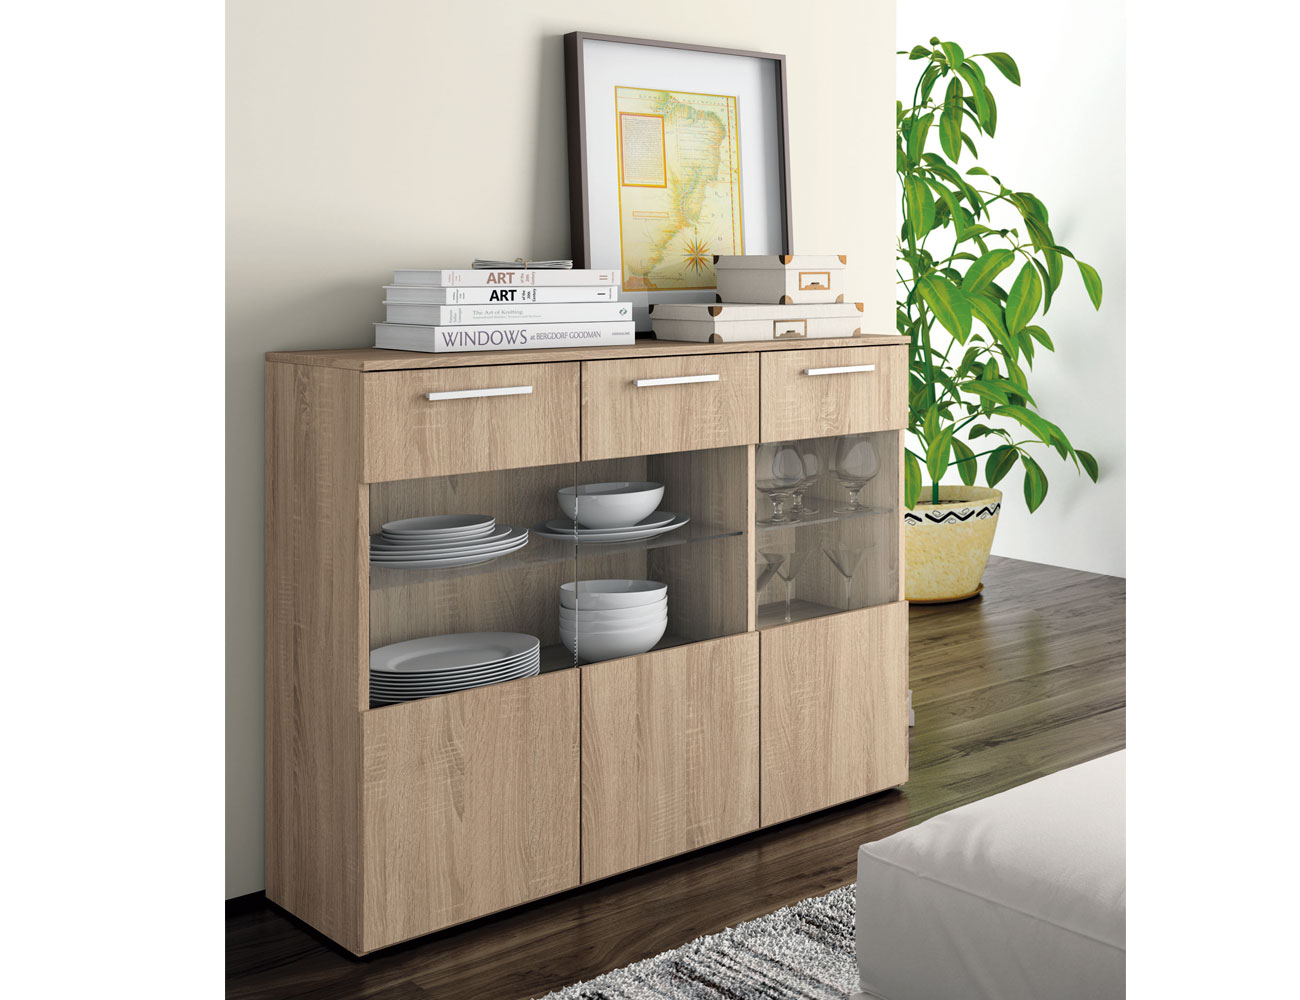 Mueble salon moderno aparador cambrian 4189